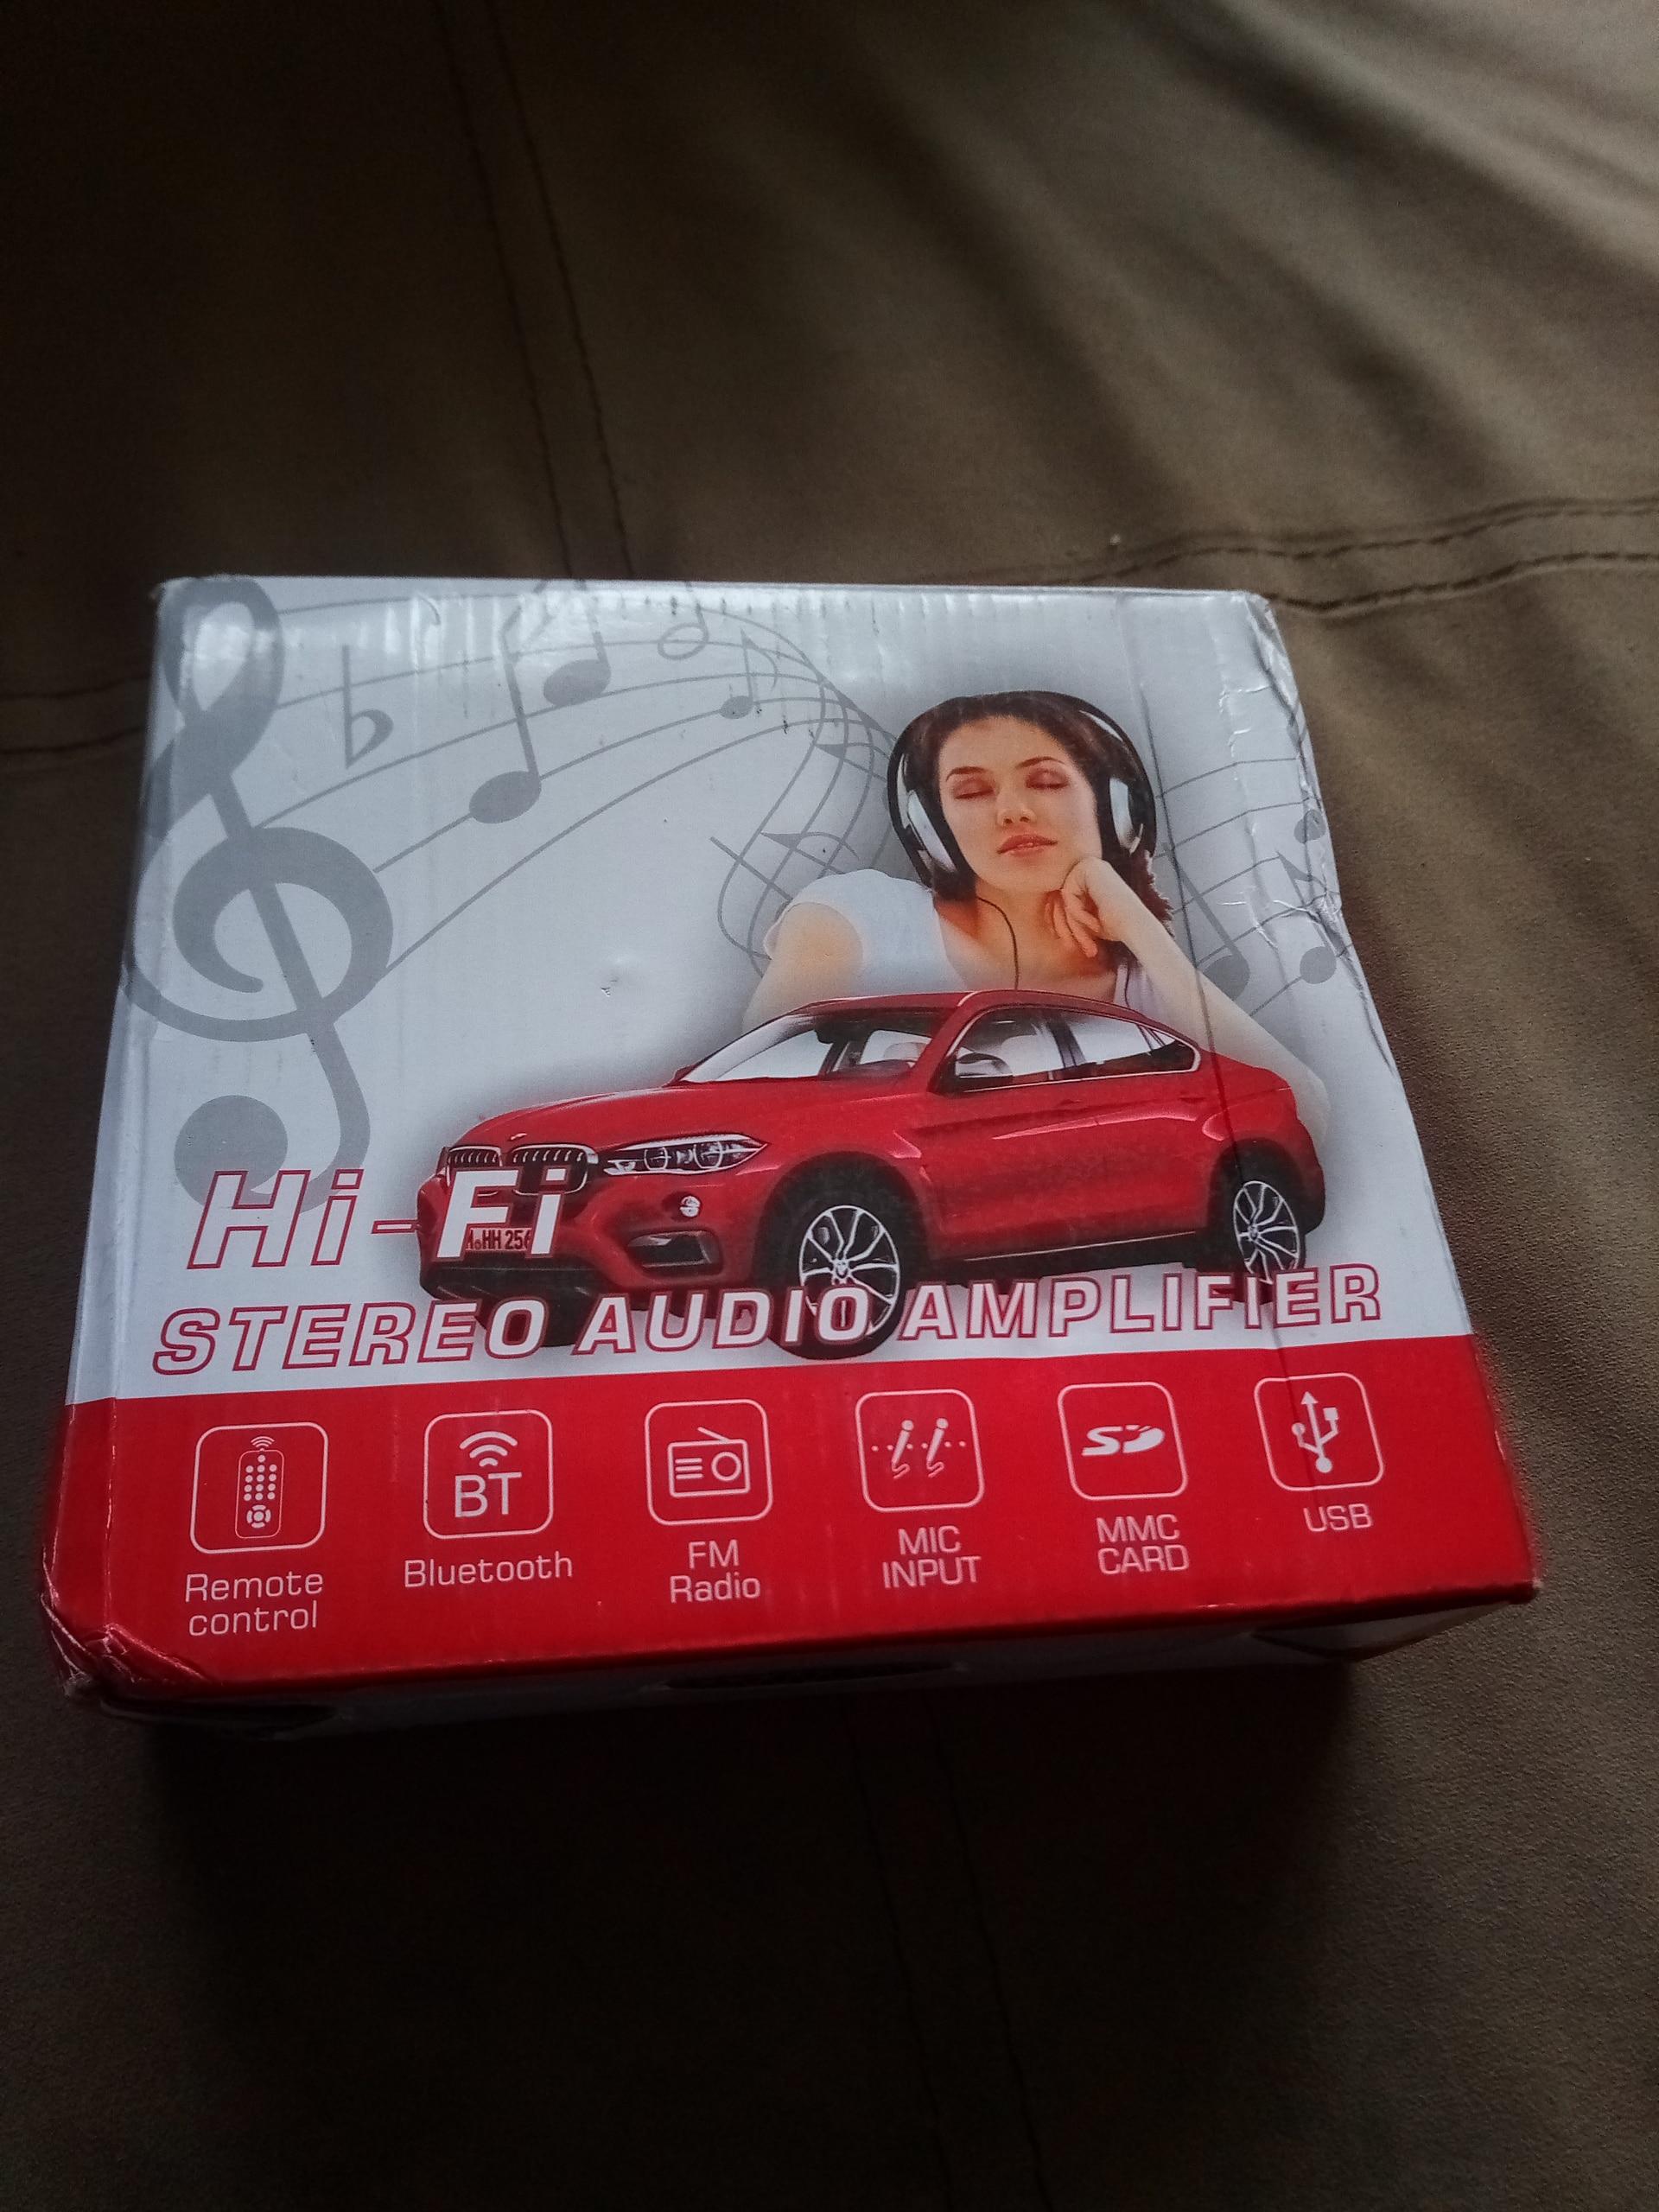 музыкальный MP3-плеер; 12V мини-усилитель; 12V мини-усилитель; усилить;